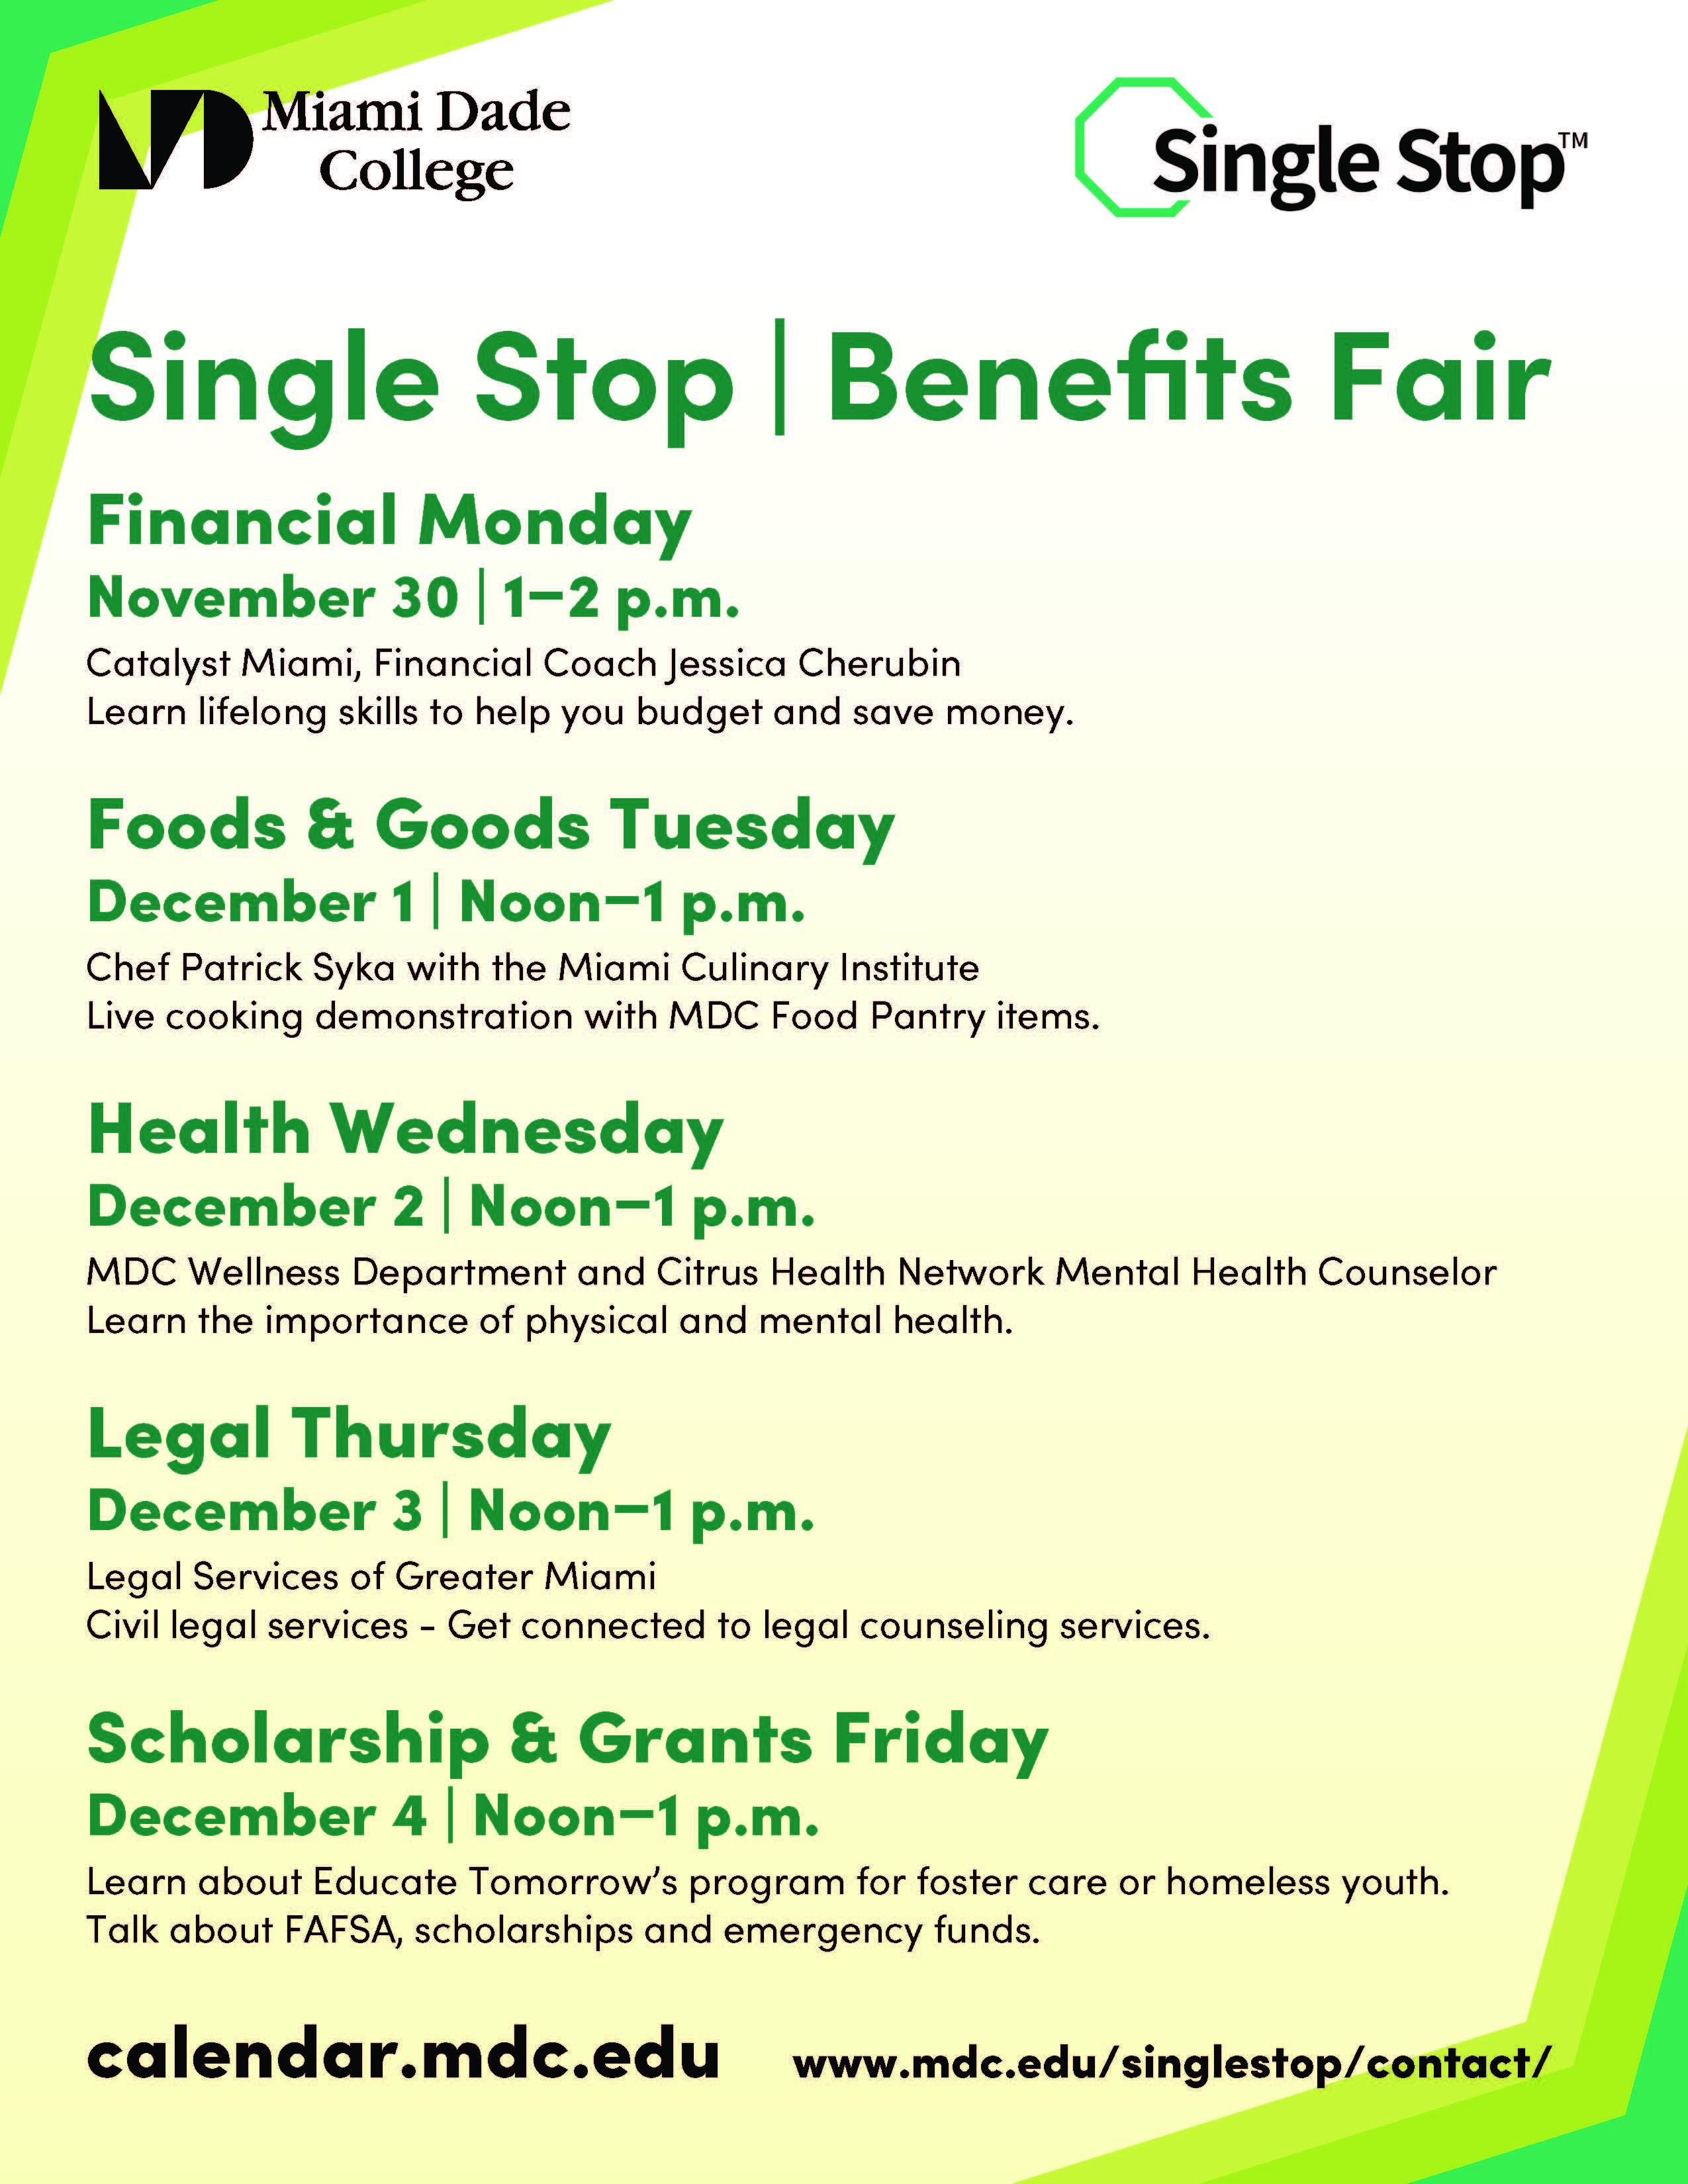 Benefits Fair Flyer